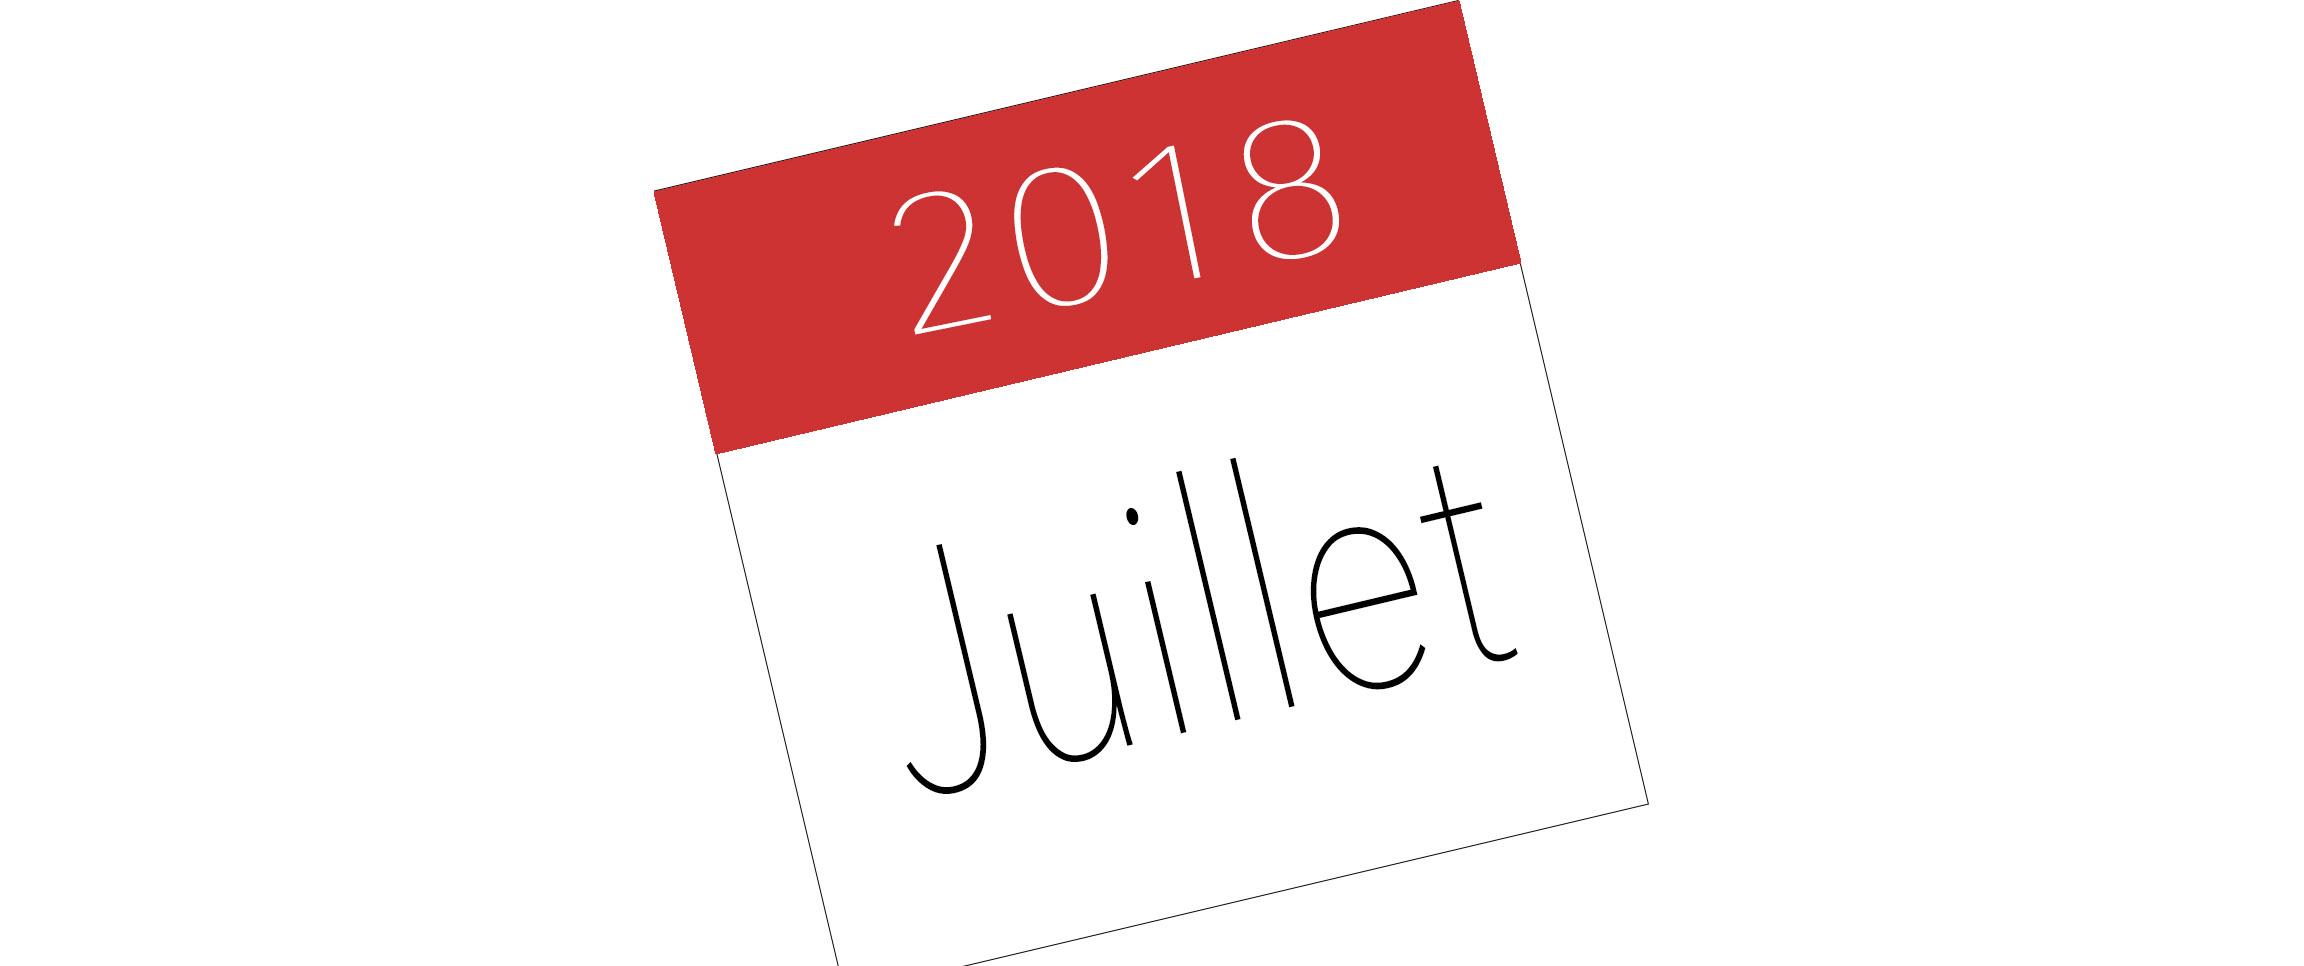 calendrier-site-juillet-2018.jpg